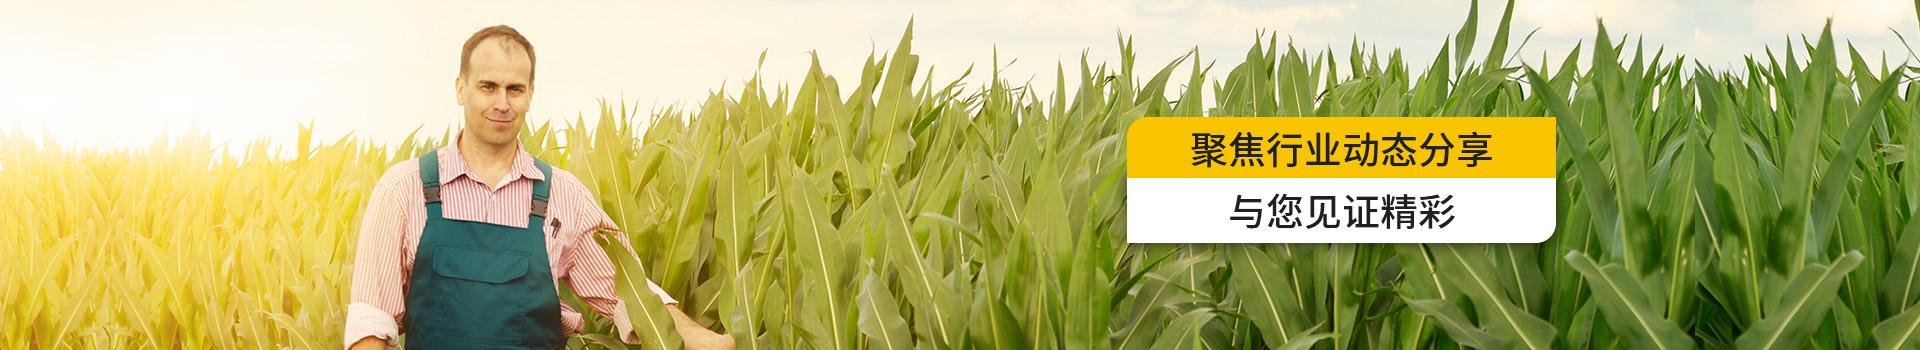 水溶性肥料品牌